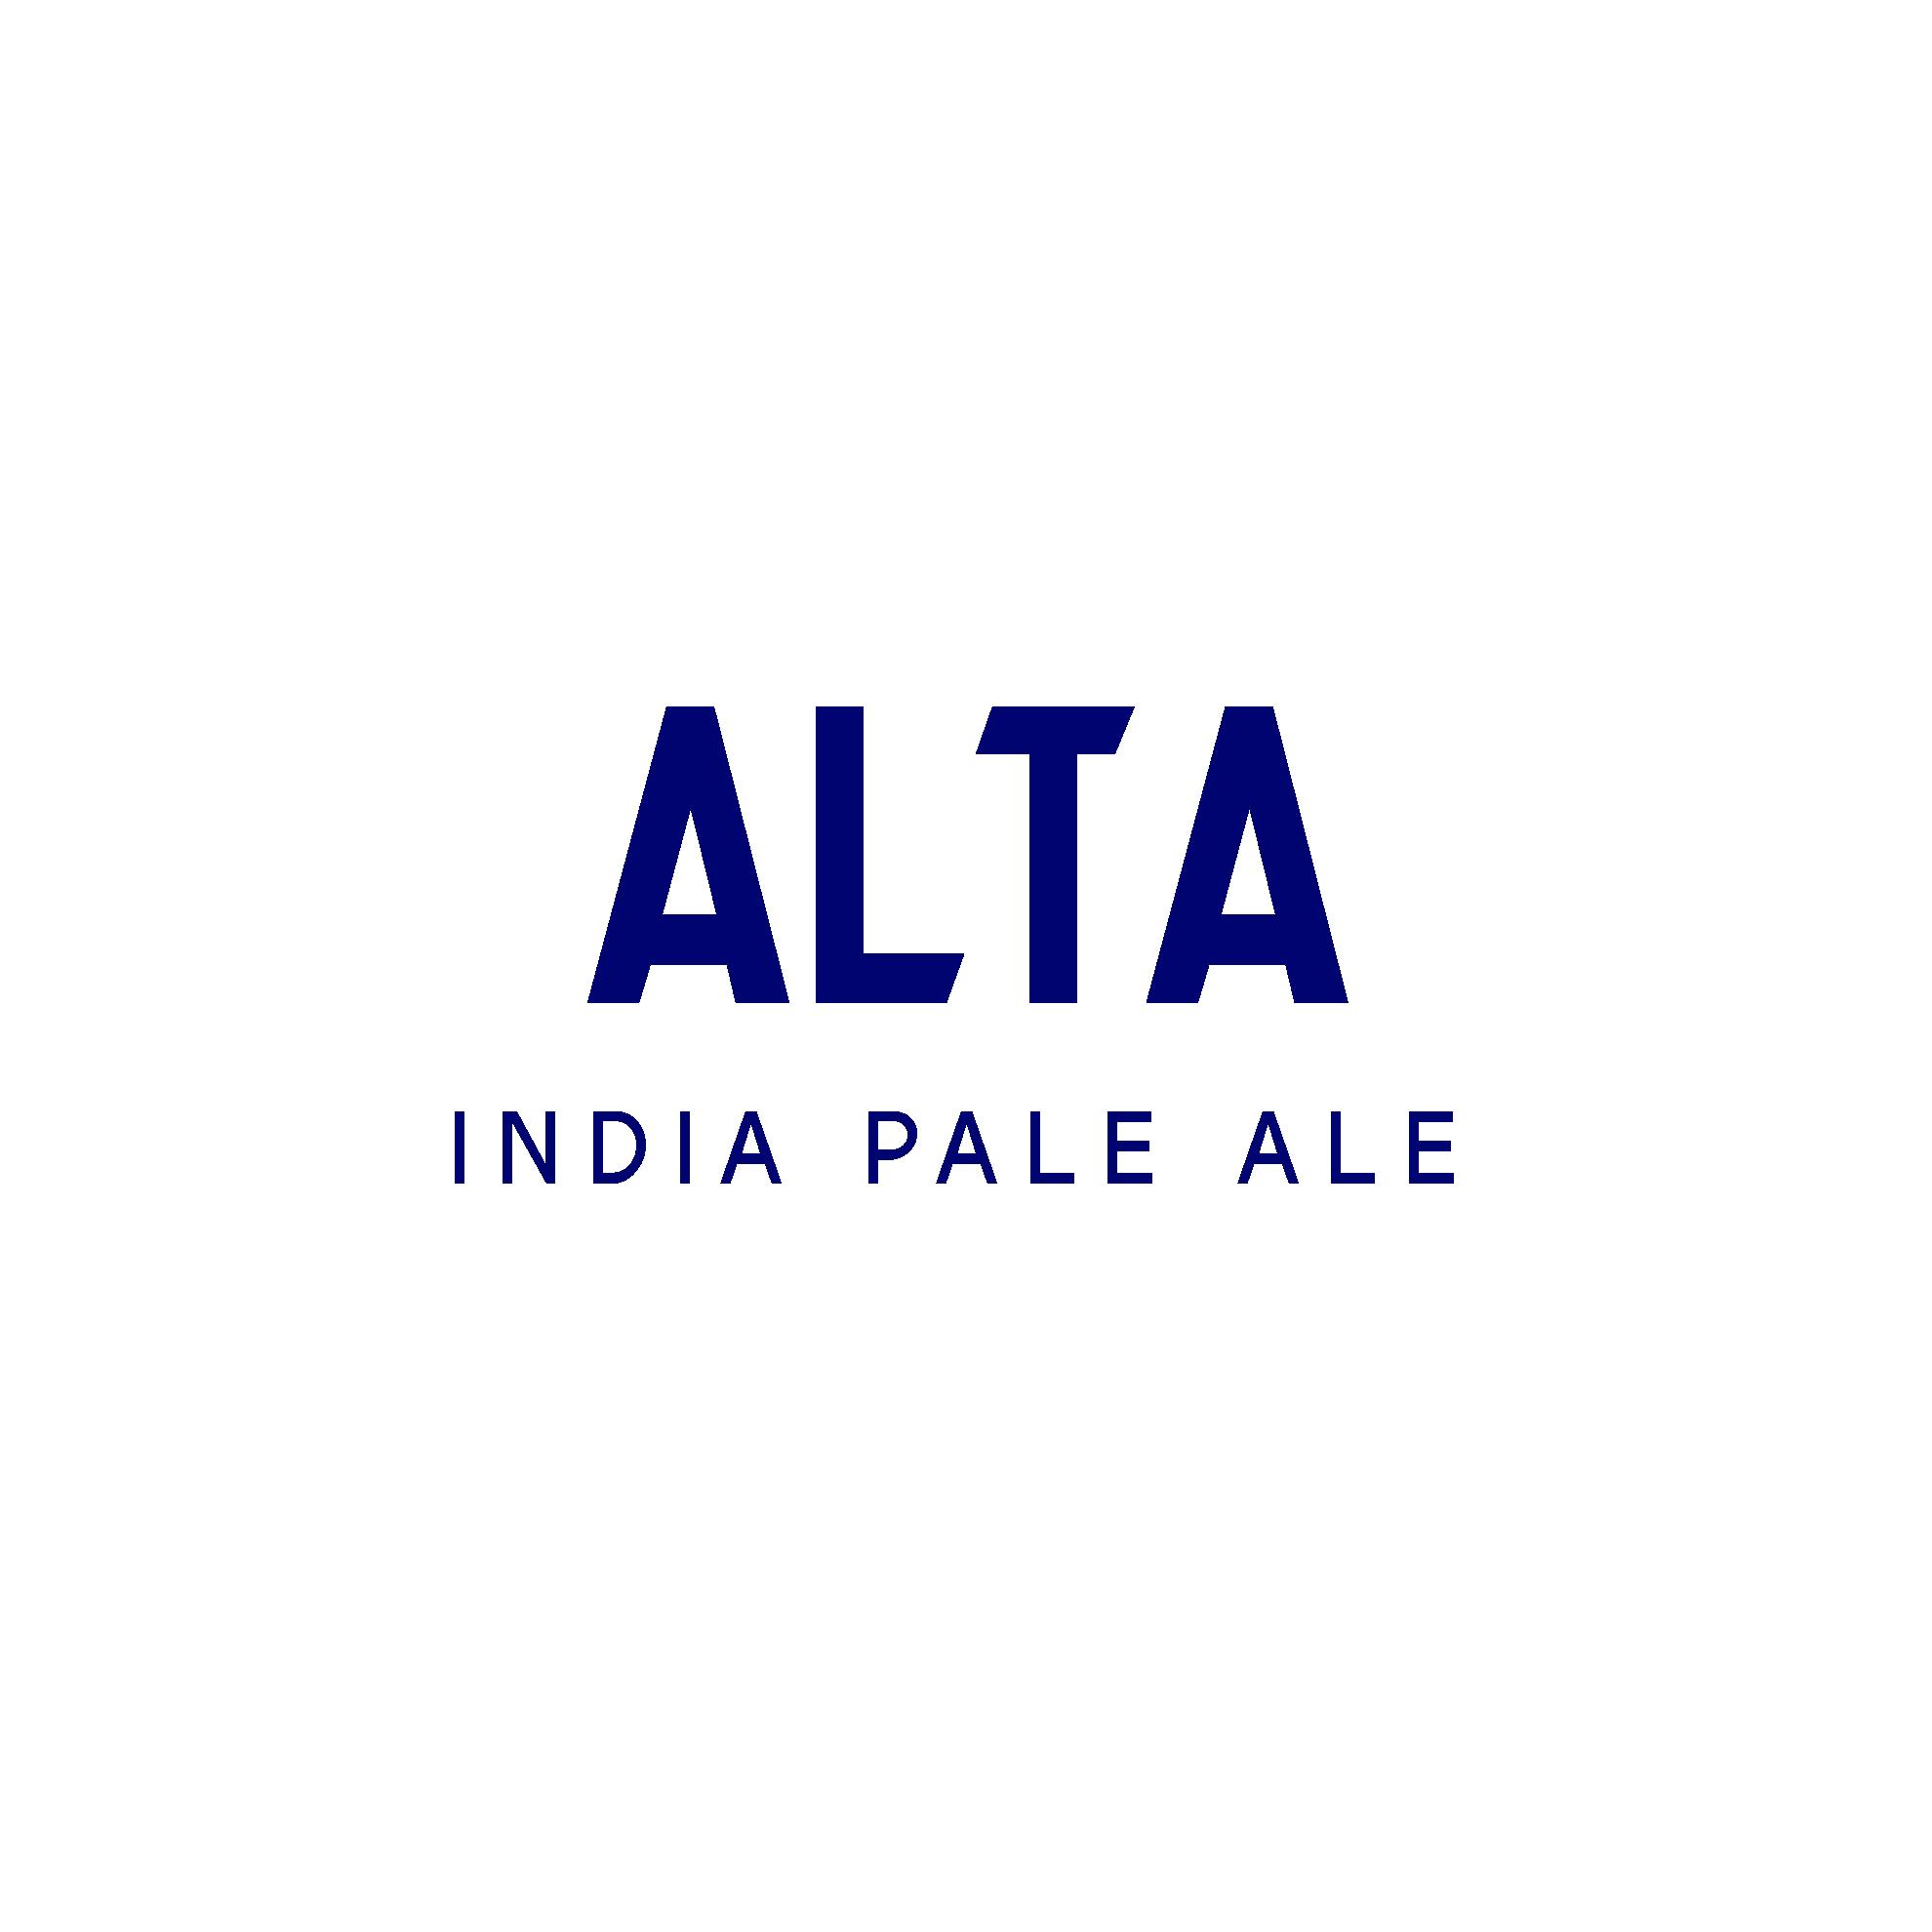 ALTA SQUARE-01.jpg